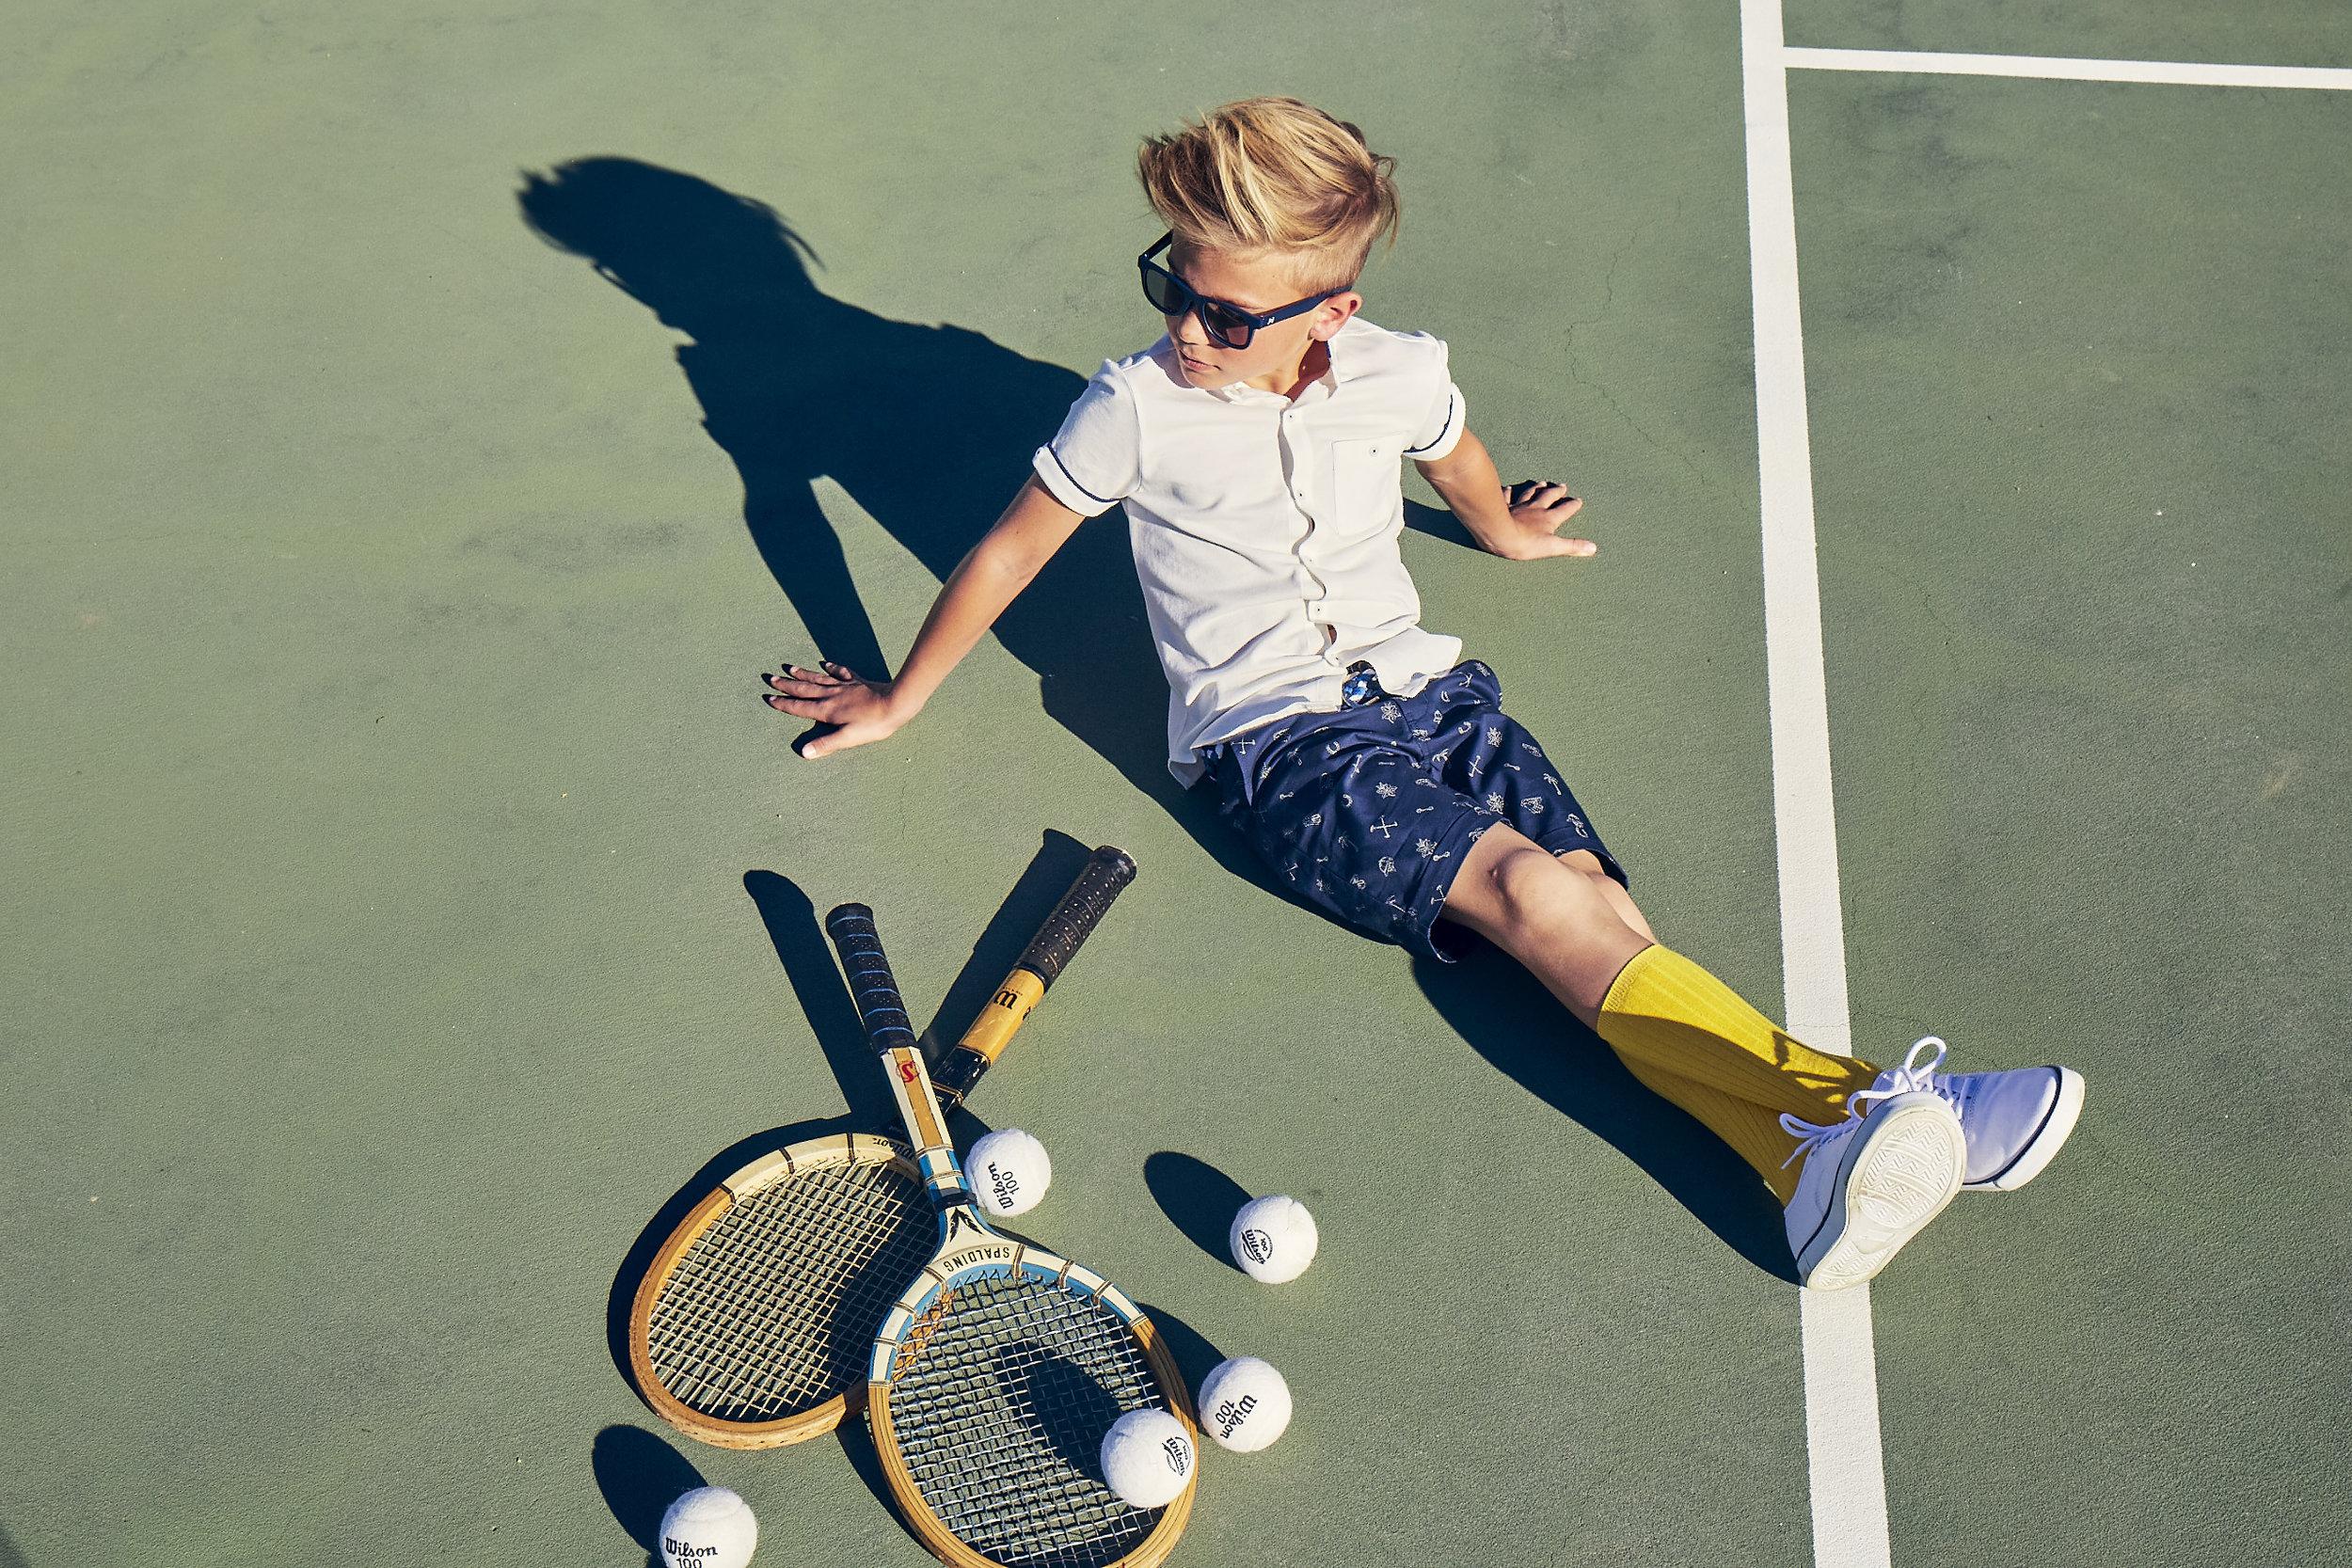 19_tennis1_1956.jpg